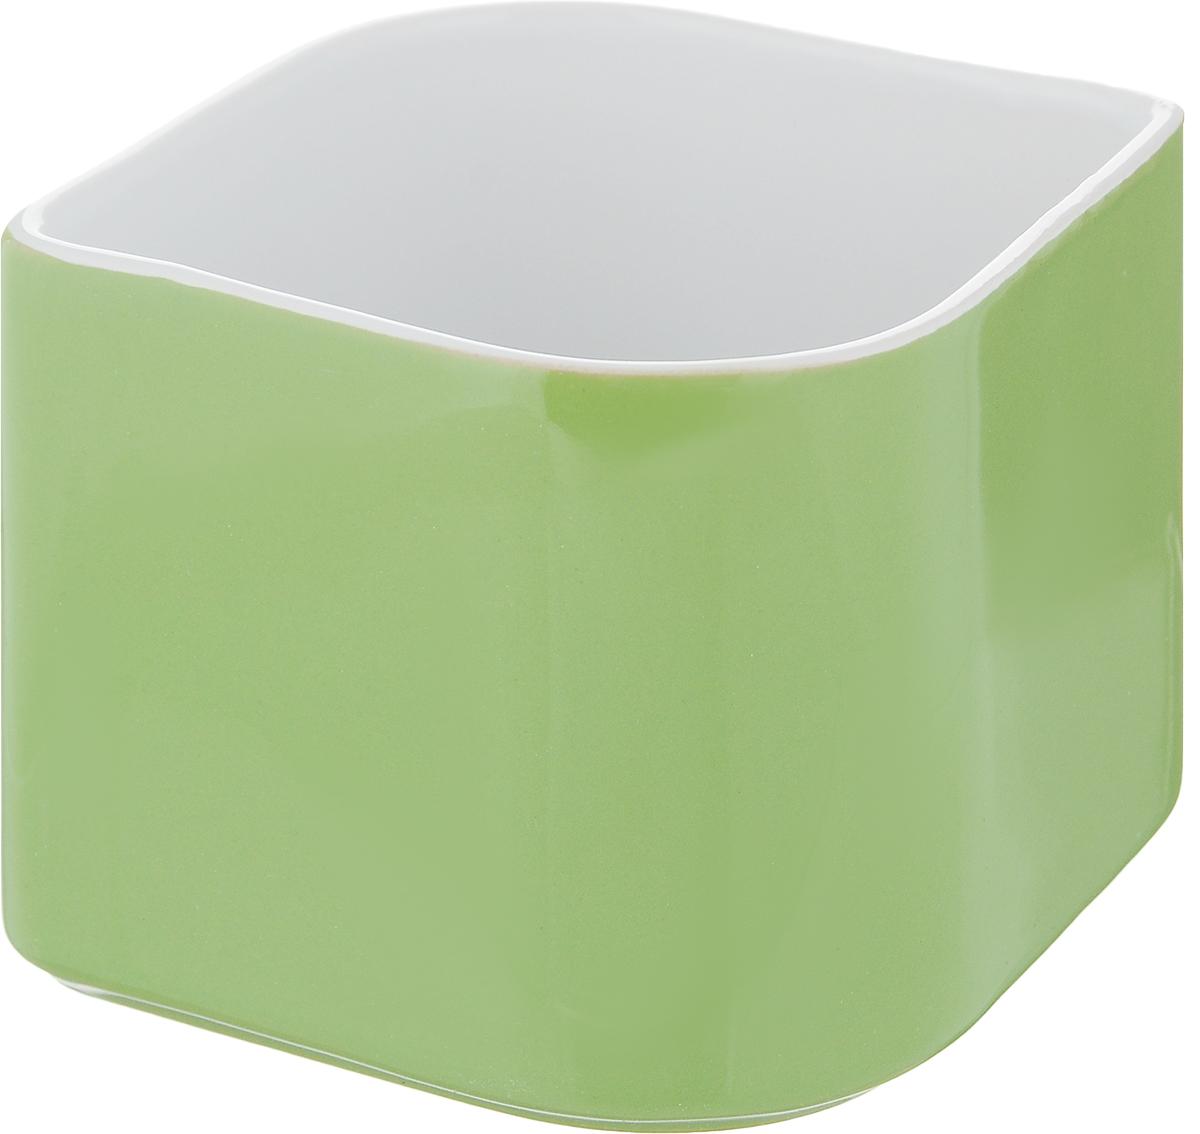 Горшок цветочный Tescoma Sense, цвет: зеленый, 11 х 13 х 9 см10503Цветочный горшок Tescoma Sense изготовлен из первоклассной керамики. Горшок подходит для выращивания цветов, растений и трав. Цветочный горшок можно мыть в посудомоечной машине.Размер горшка (по верхнему краю): 11 х 13,5 см.Высота горшка: 9 см.